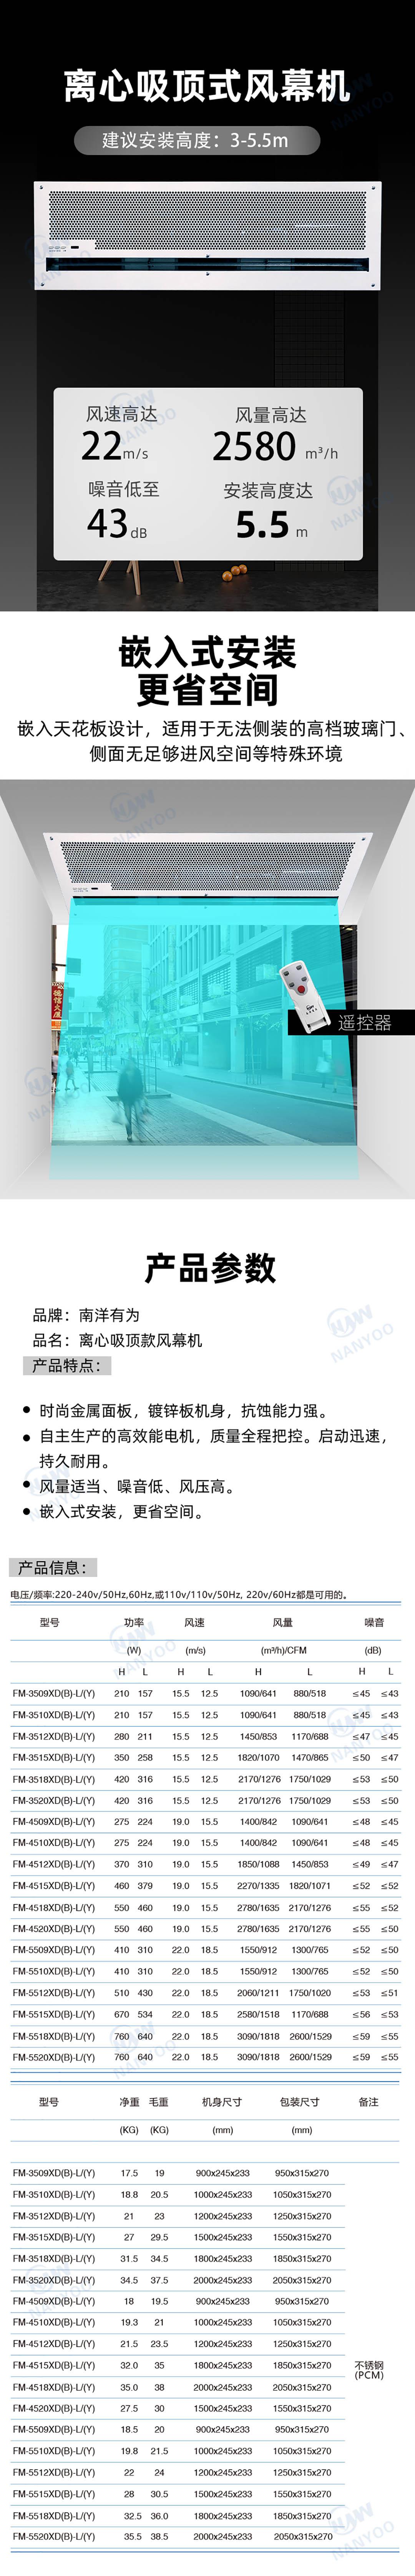 天花离心式风幕机.jpg